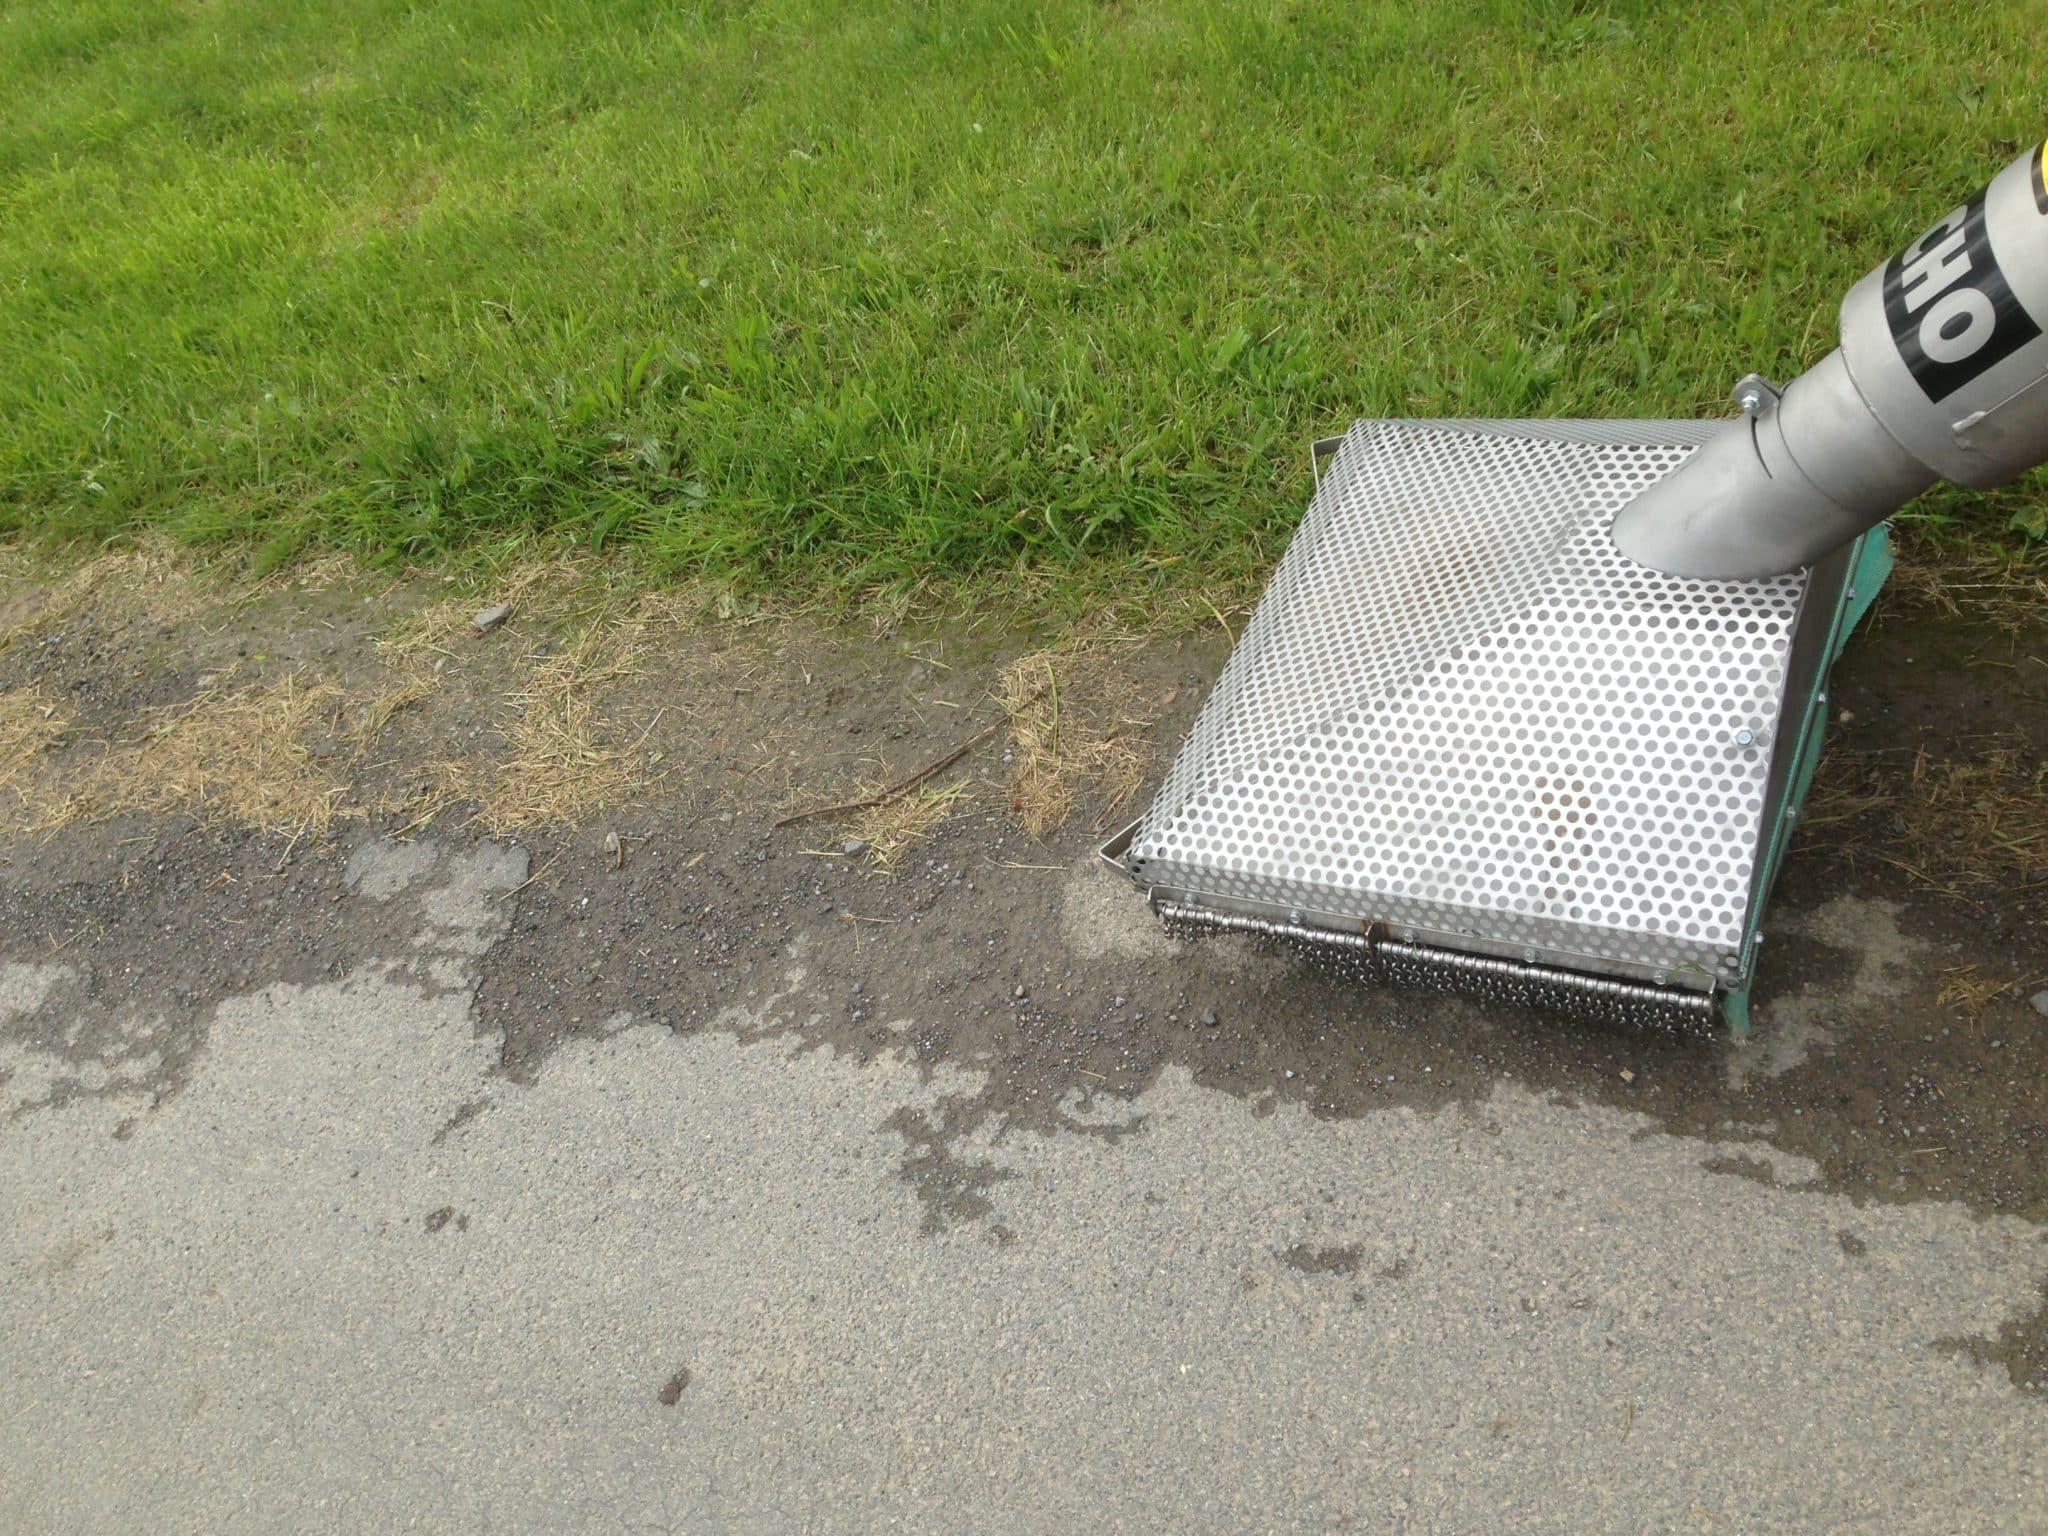 Unkrautbeseitigung Heißluft Bad Oeynhausen